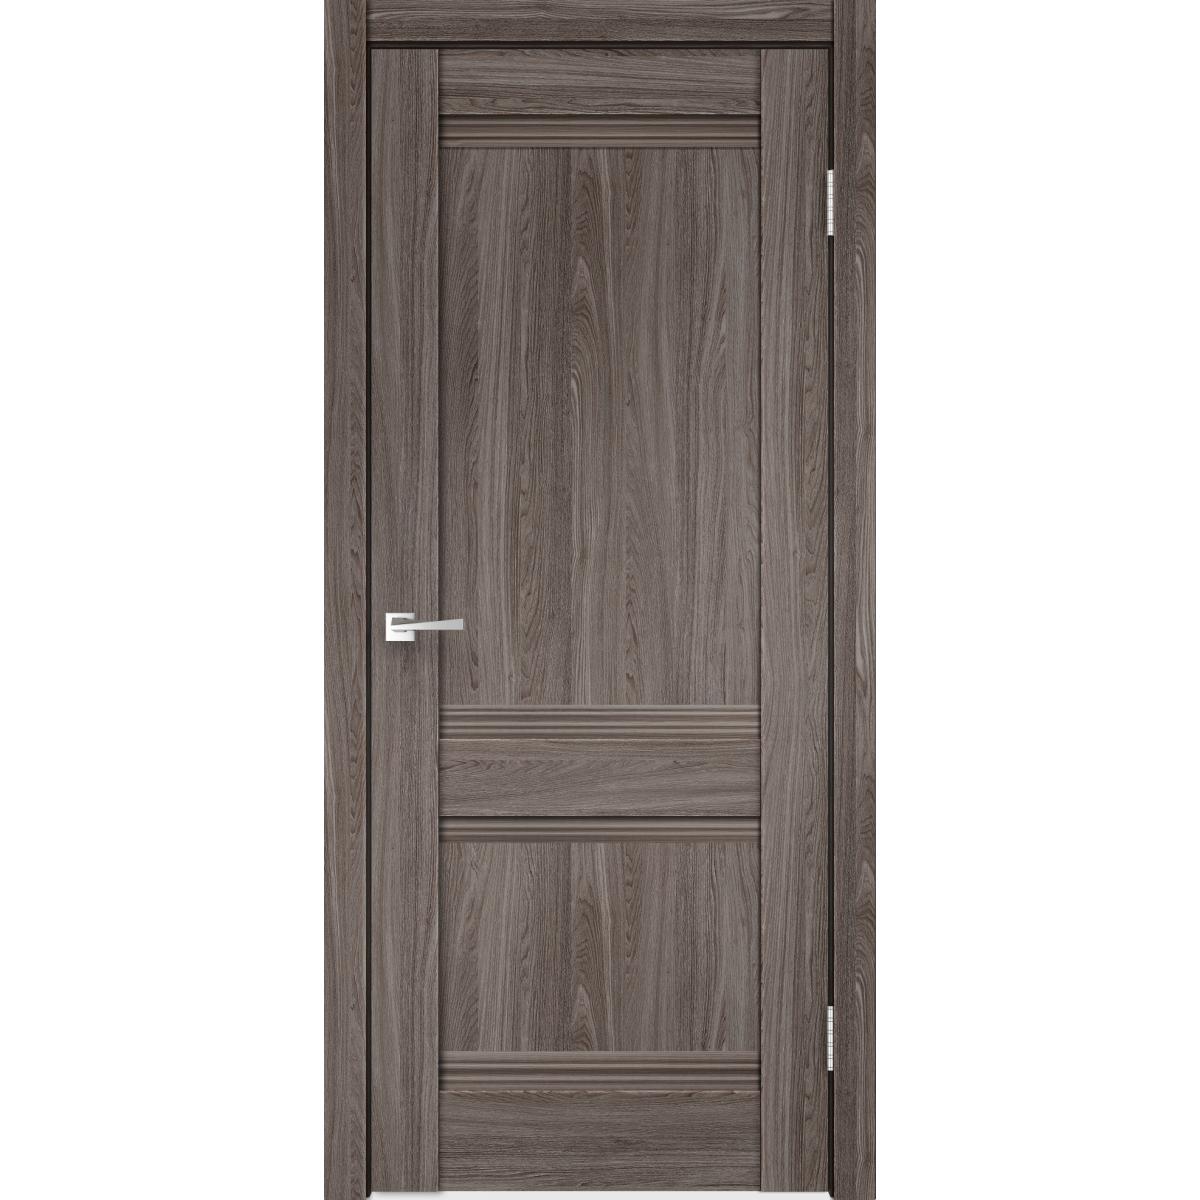 Дверь Межкомнатная Глухая С Замком И Петлями В Комплекте «Тоскана» 90x200 Цвет Ясень Анкор